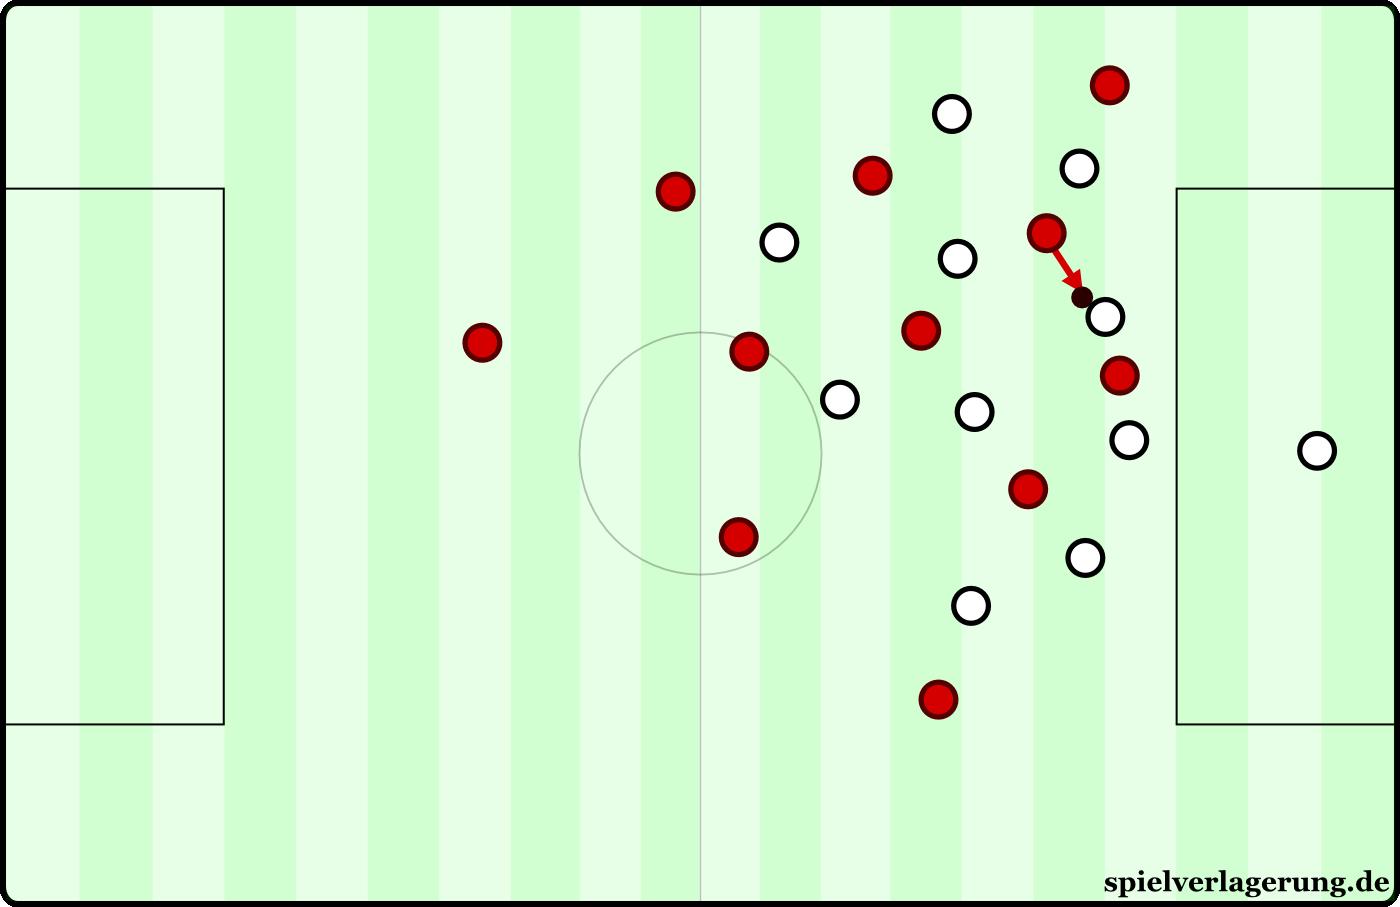 Anlaufverhalten:  Durchlaufen. Simpel und übersichtlich zeigt diese Grafik einfach ein aggressives Attackieren auf den Ball.